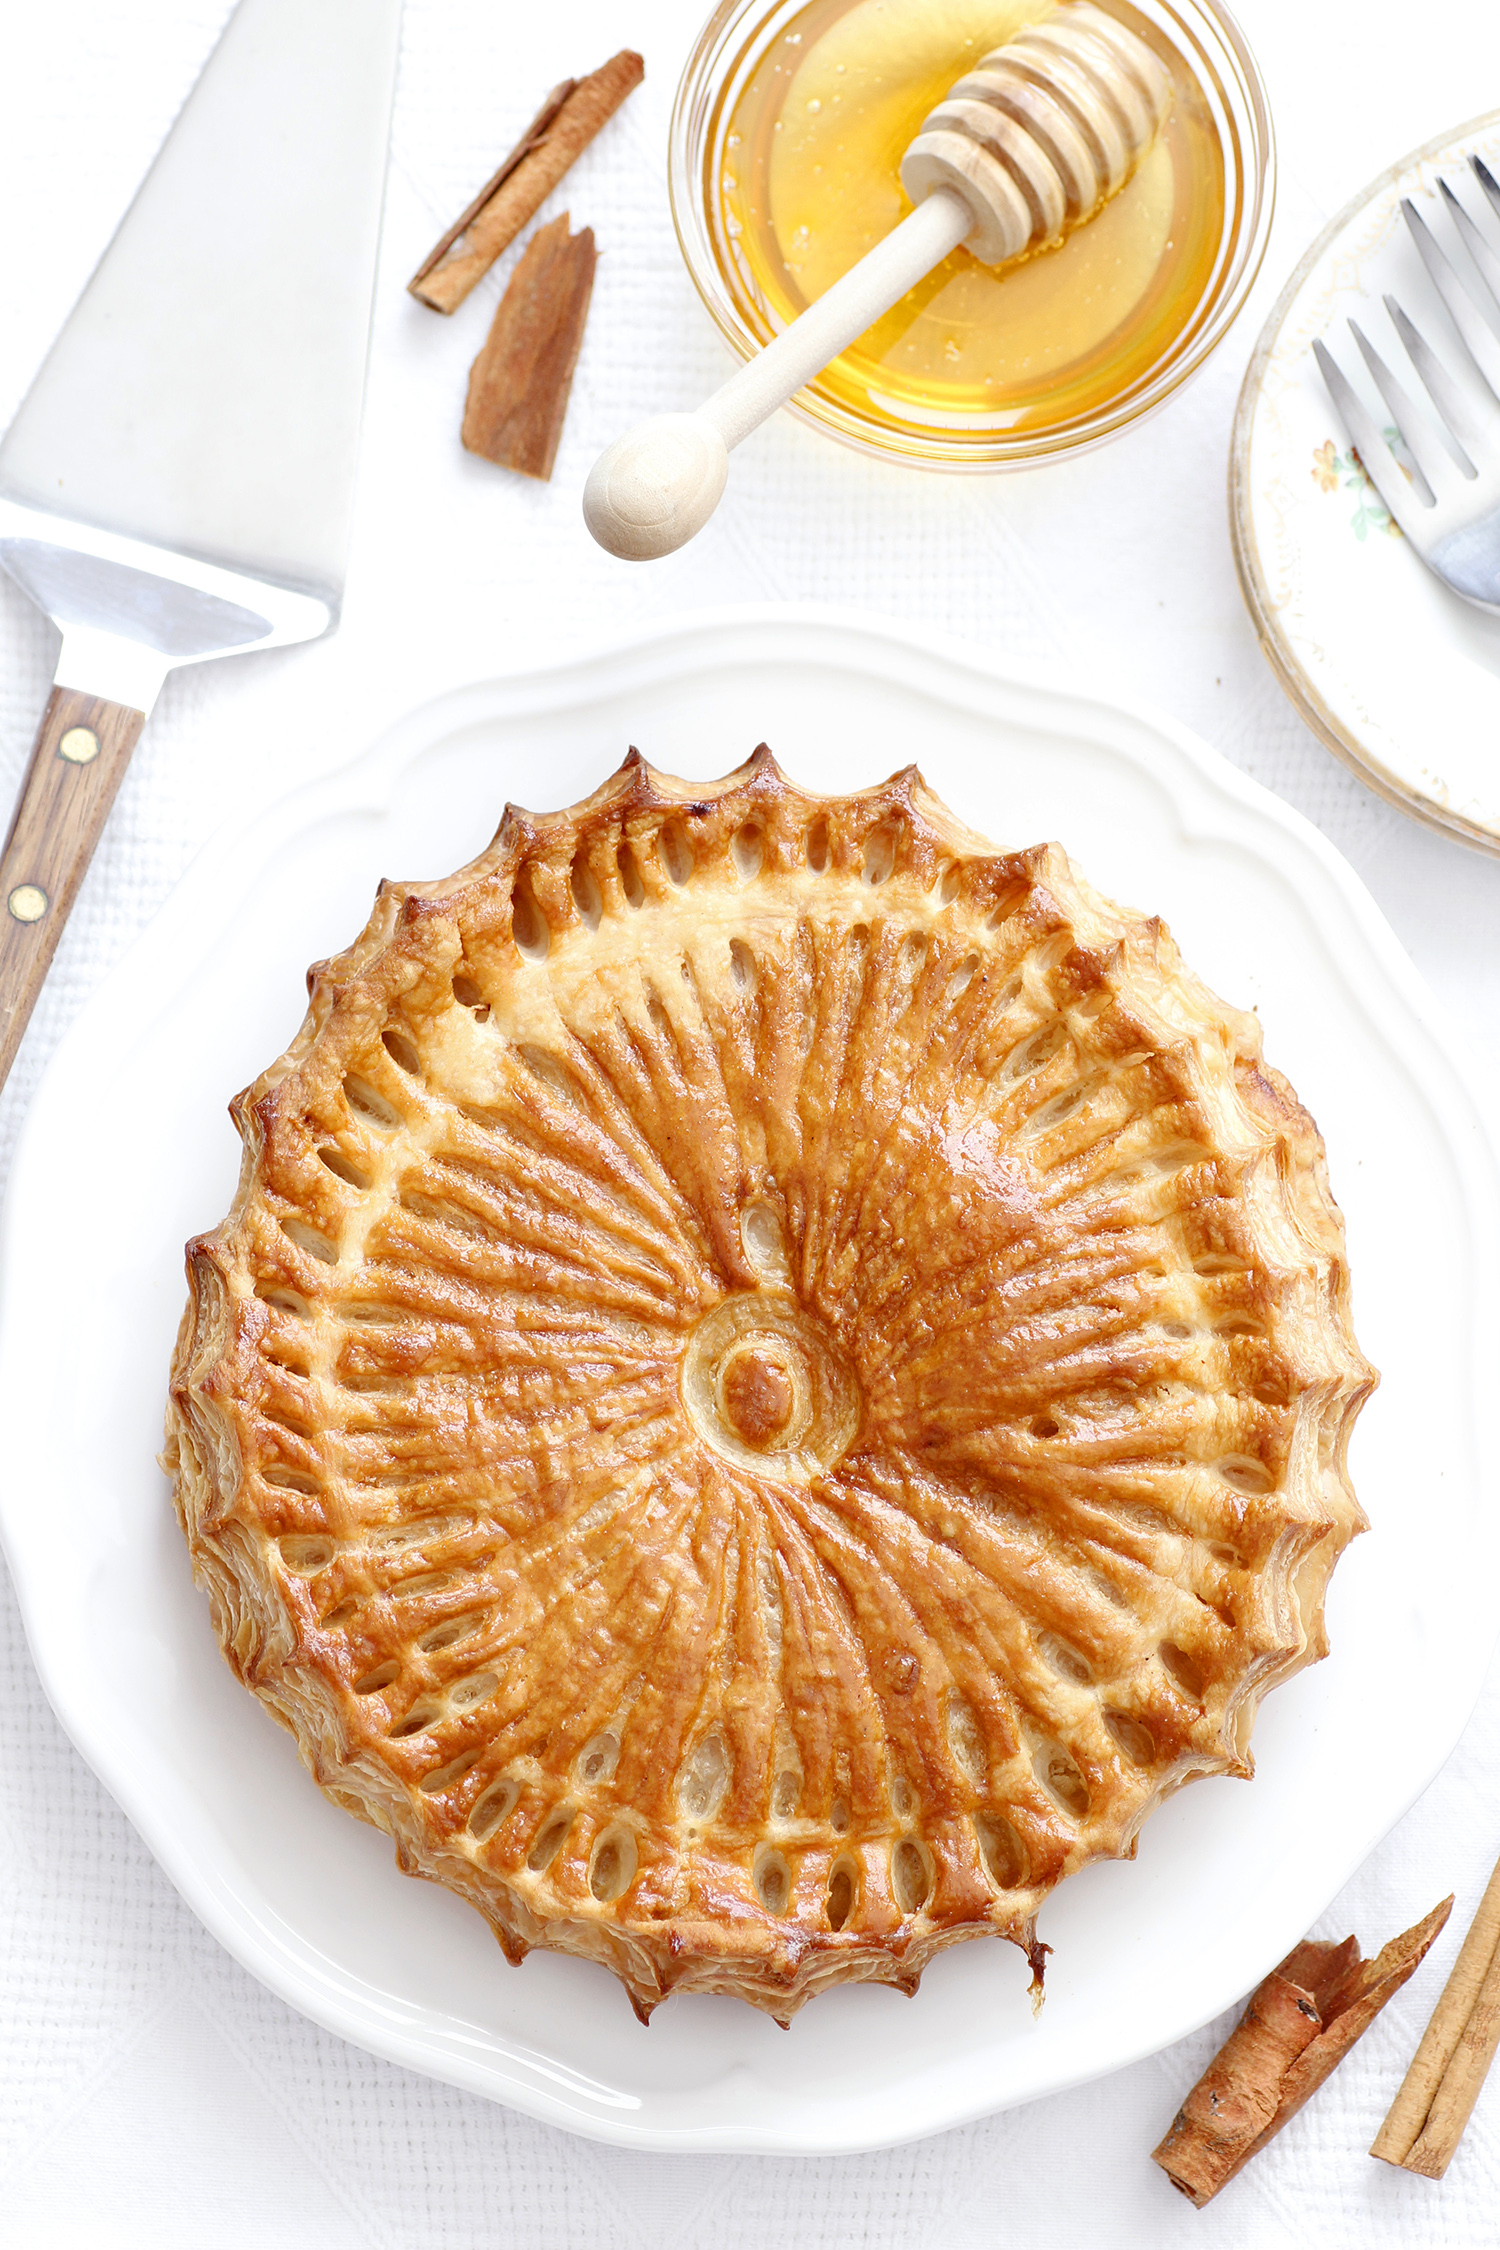 Galette Des Rois - The King's Cake intérieur Image De Galette Des Rois